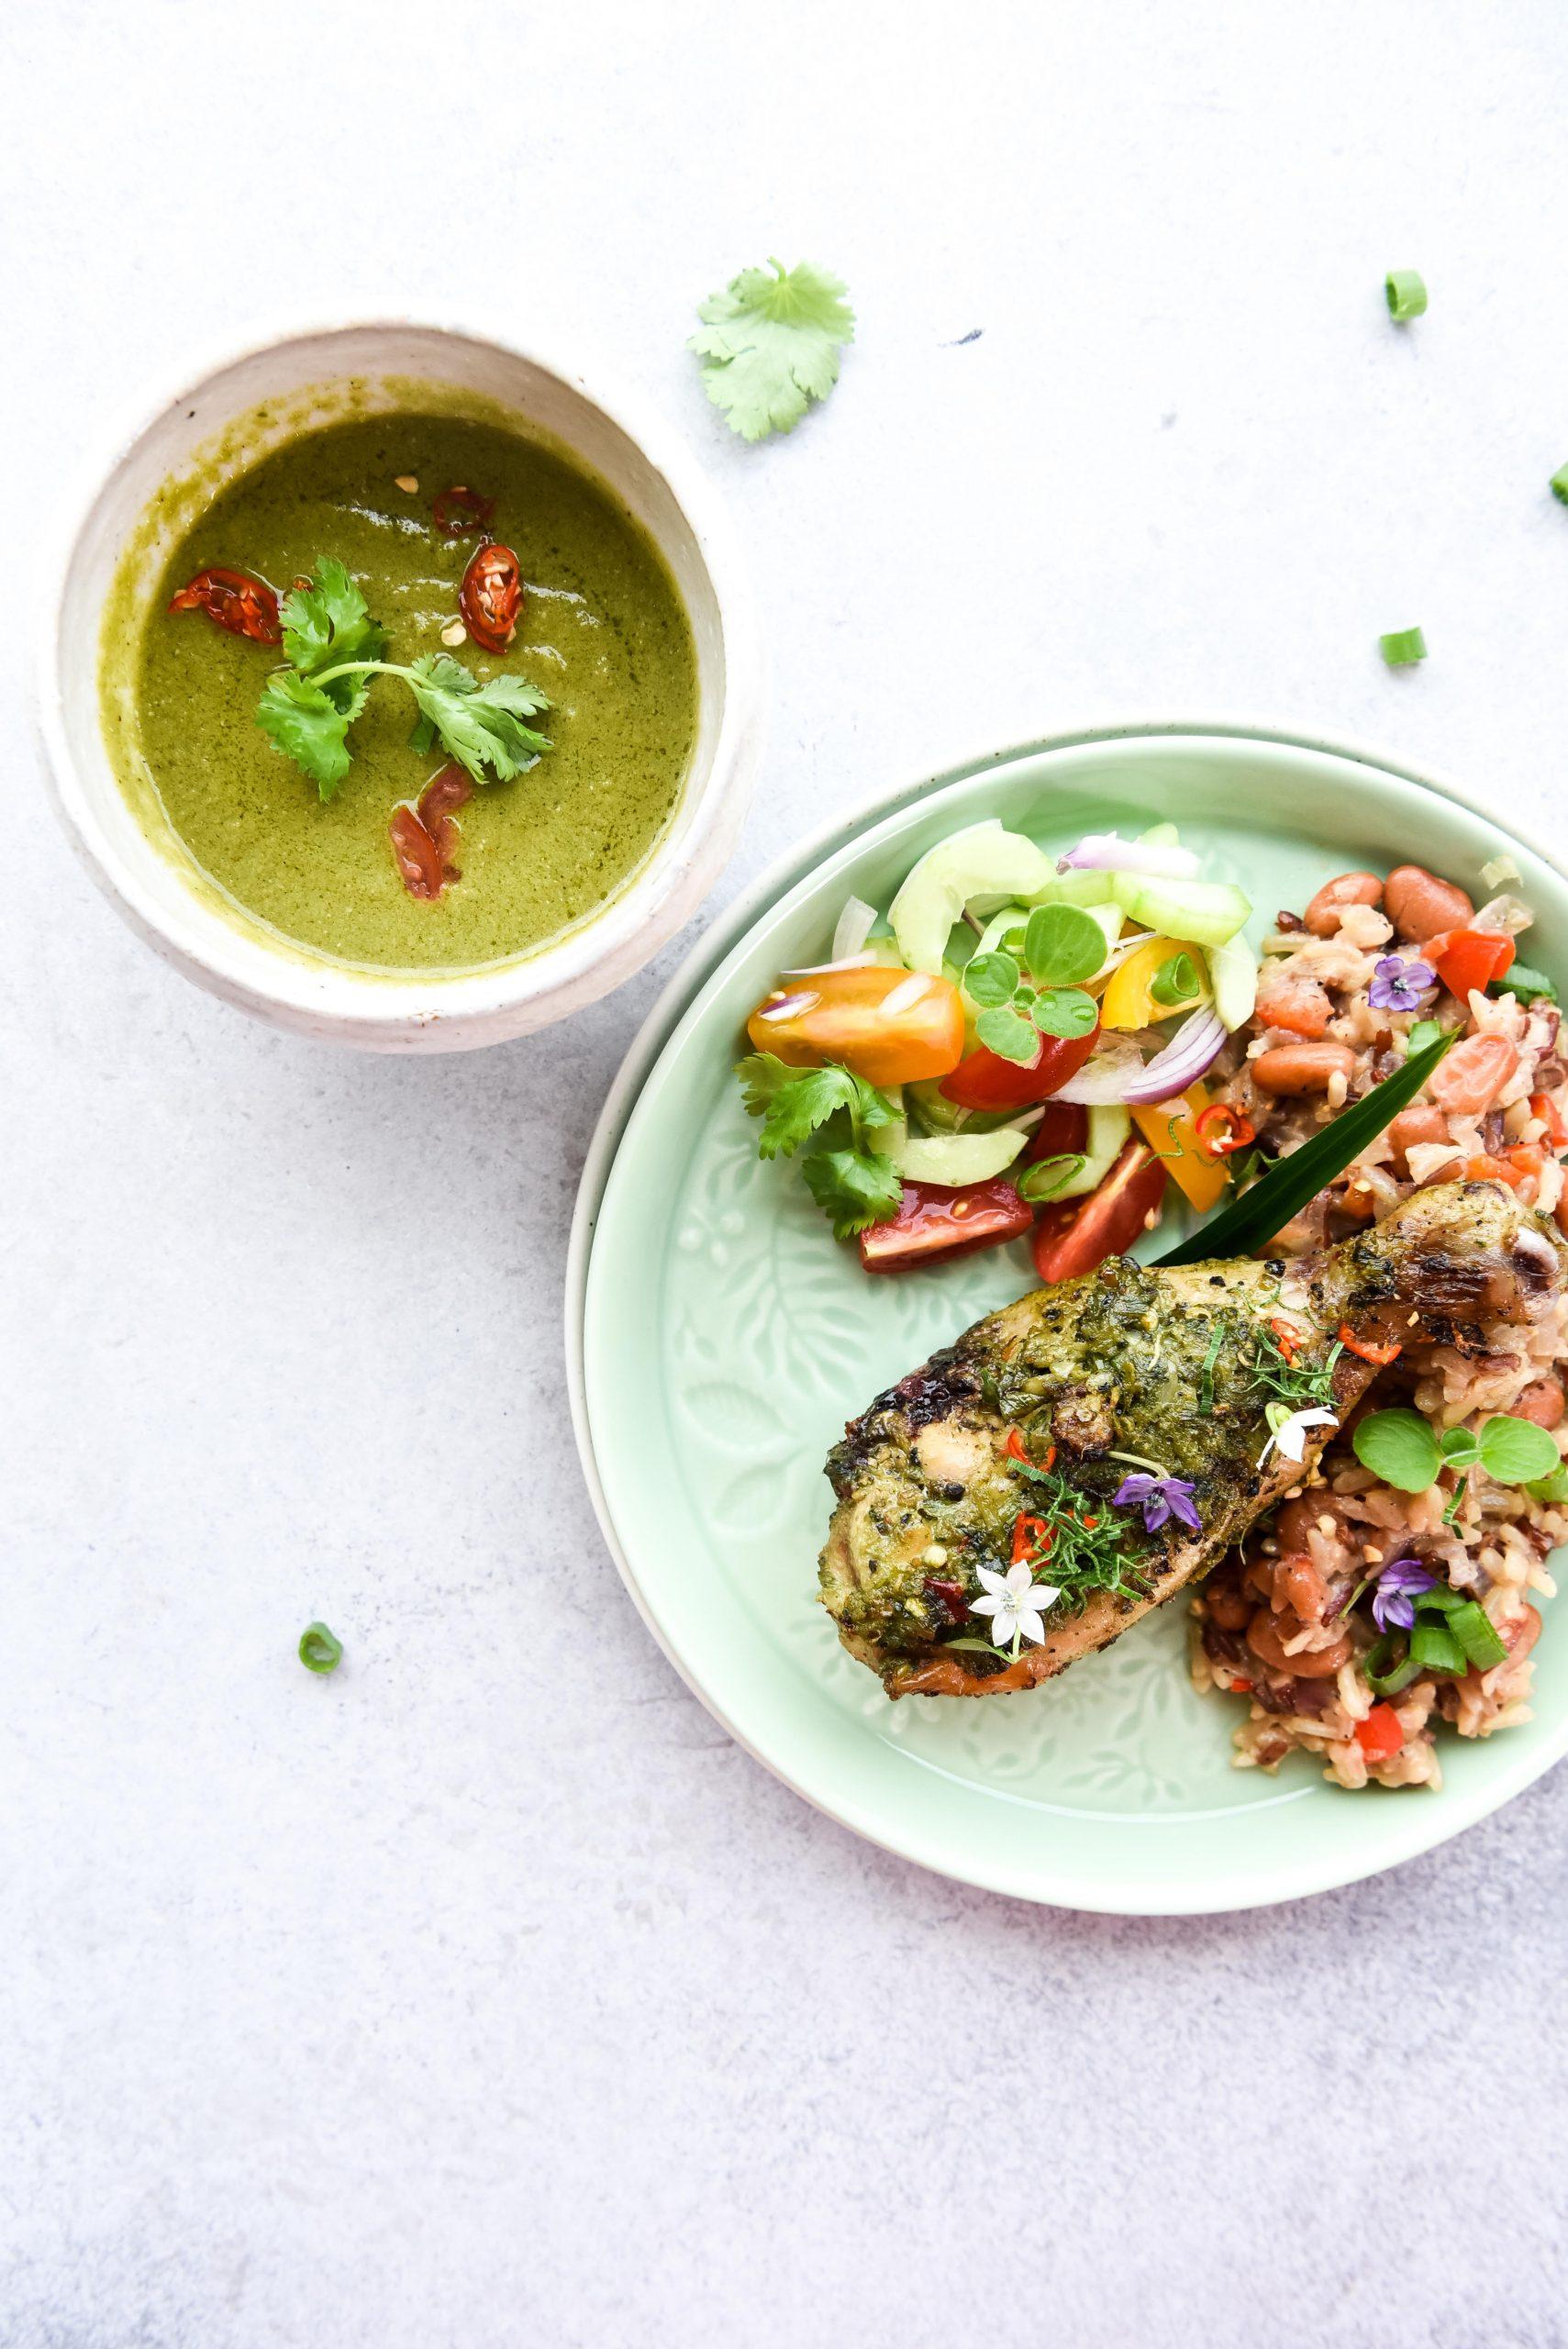 White bowl, green sauce, chicken drumstick